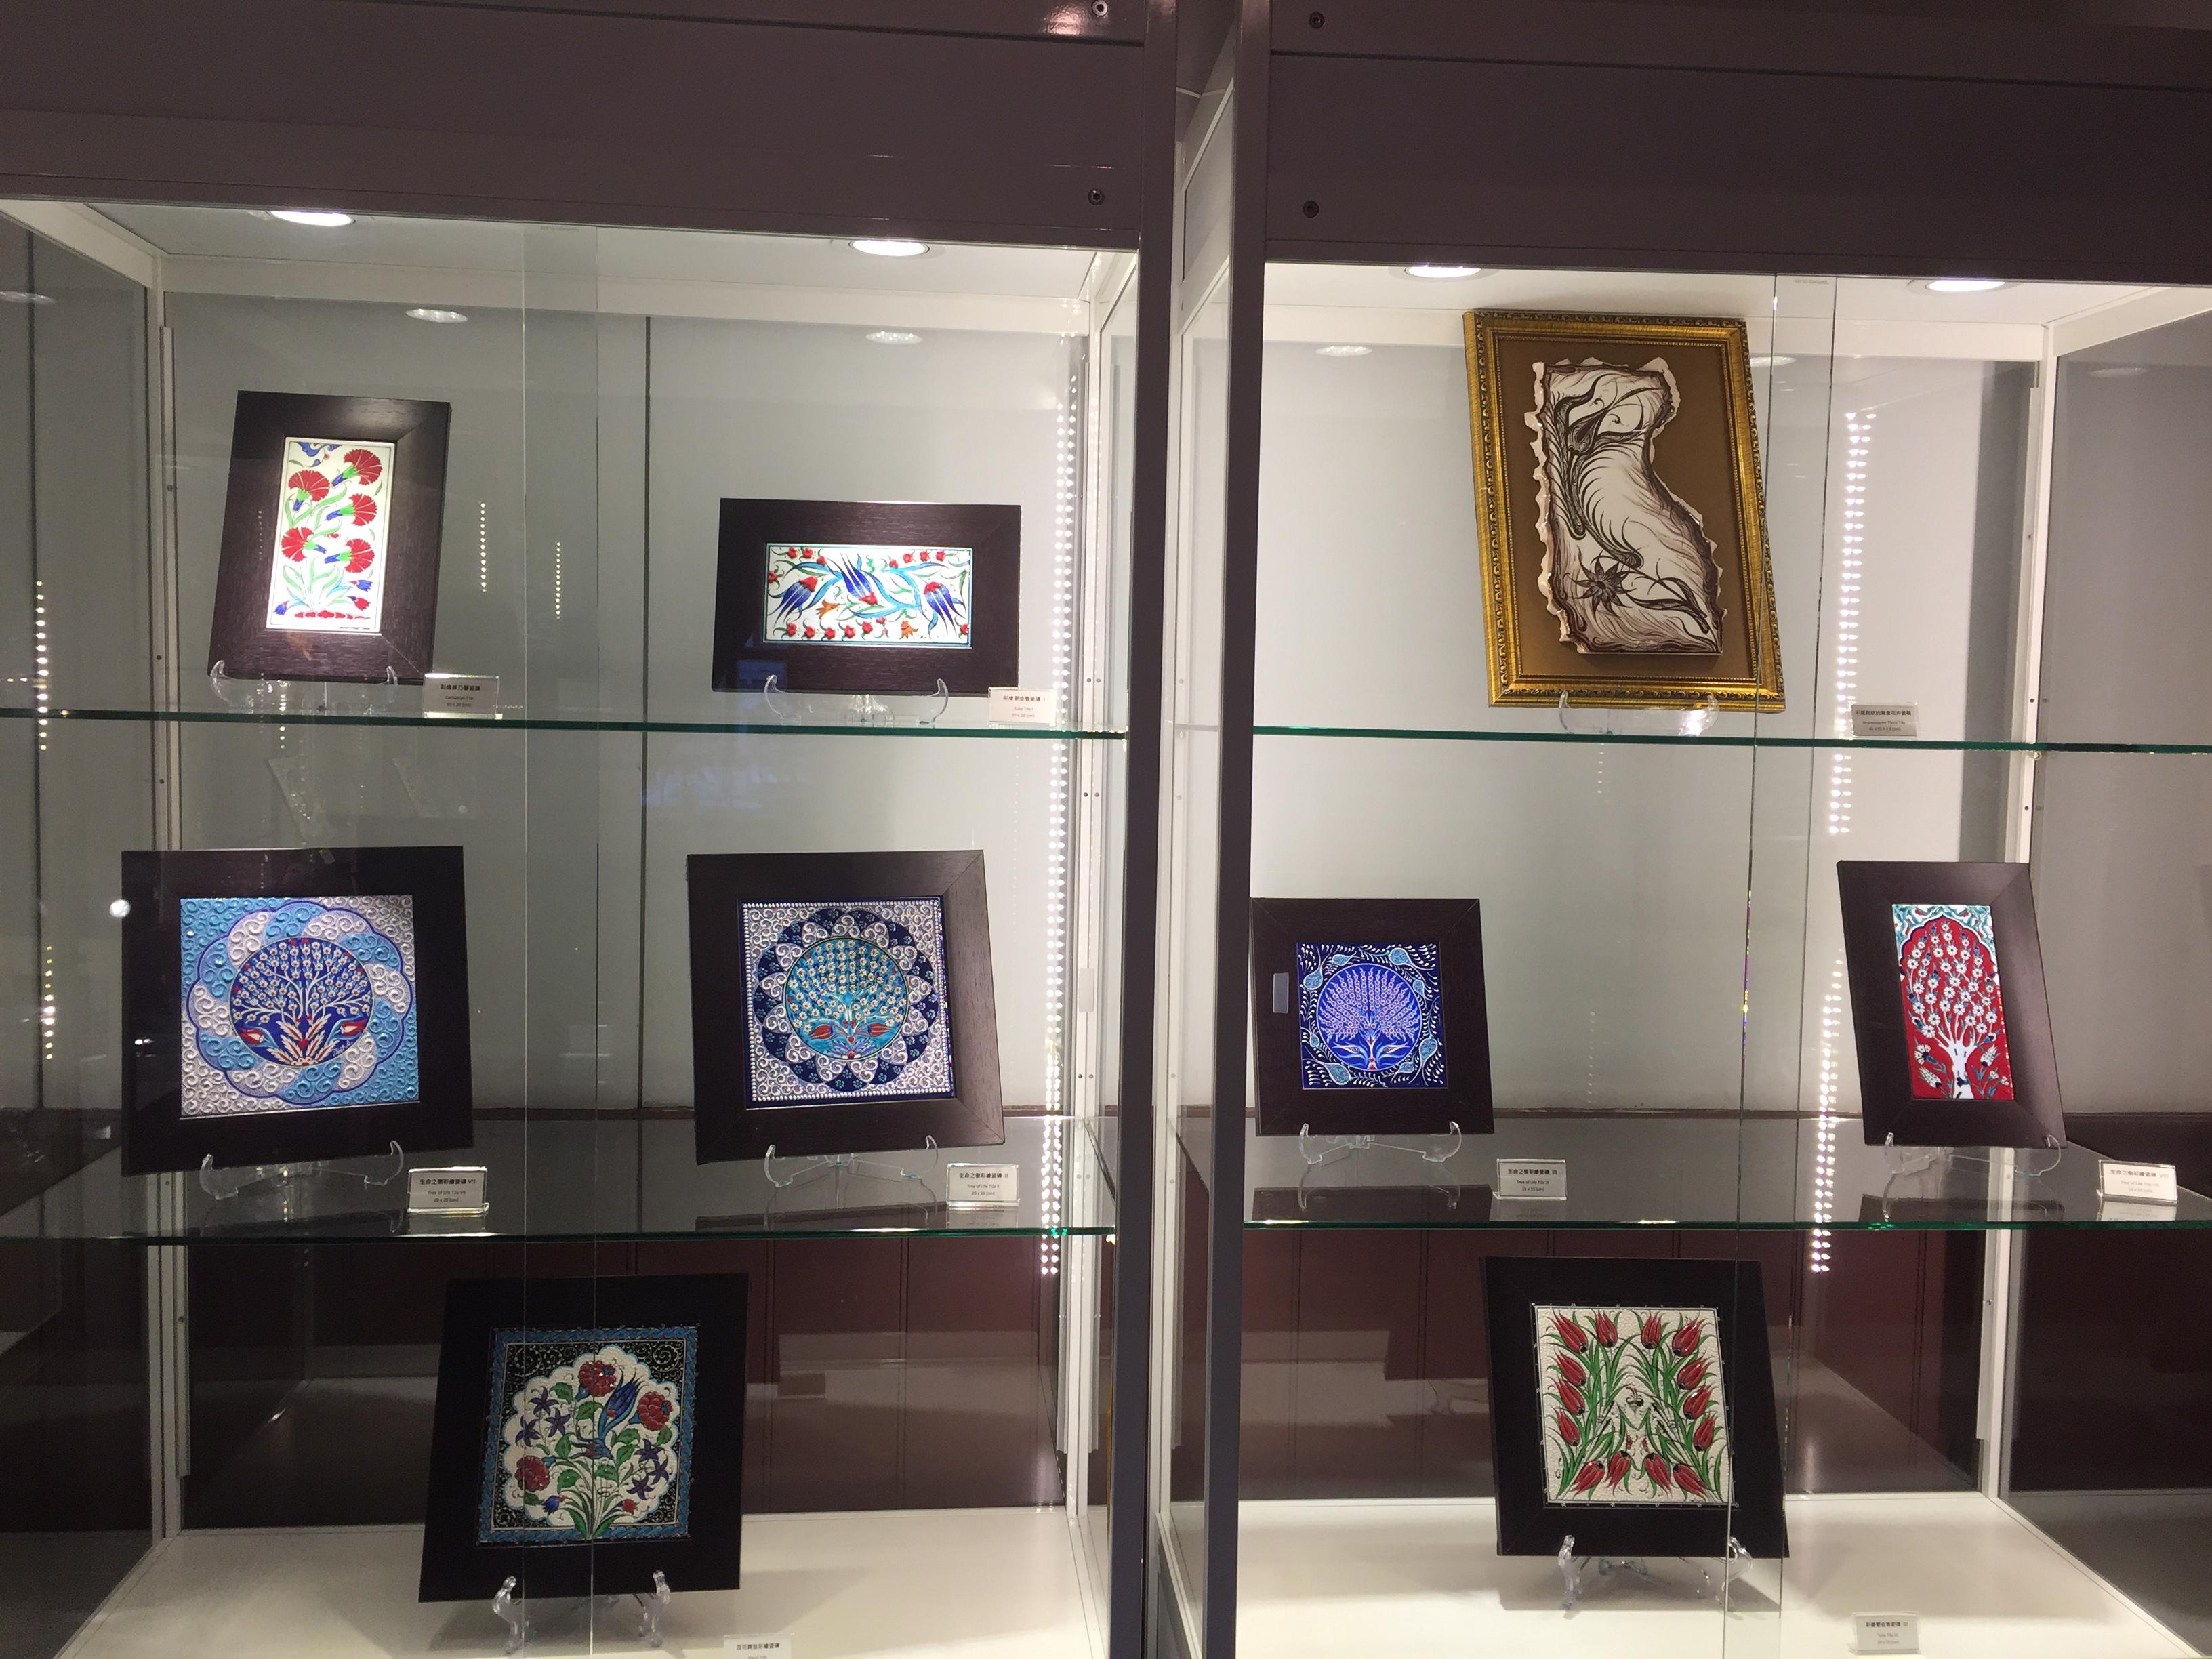 展場內多元的陶瓷展品。 攝影/林銘翰